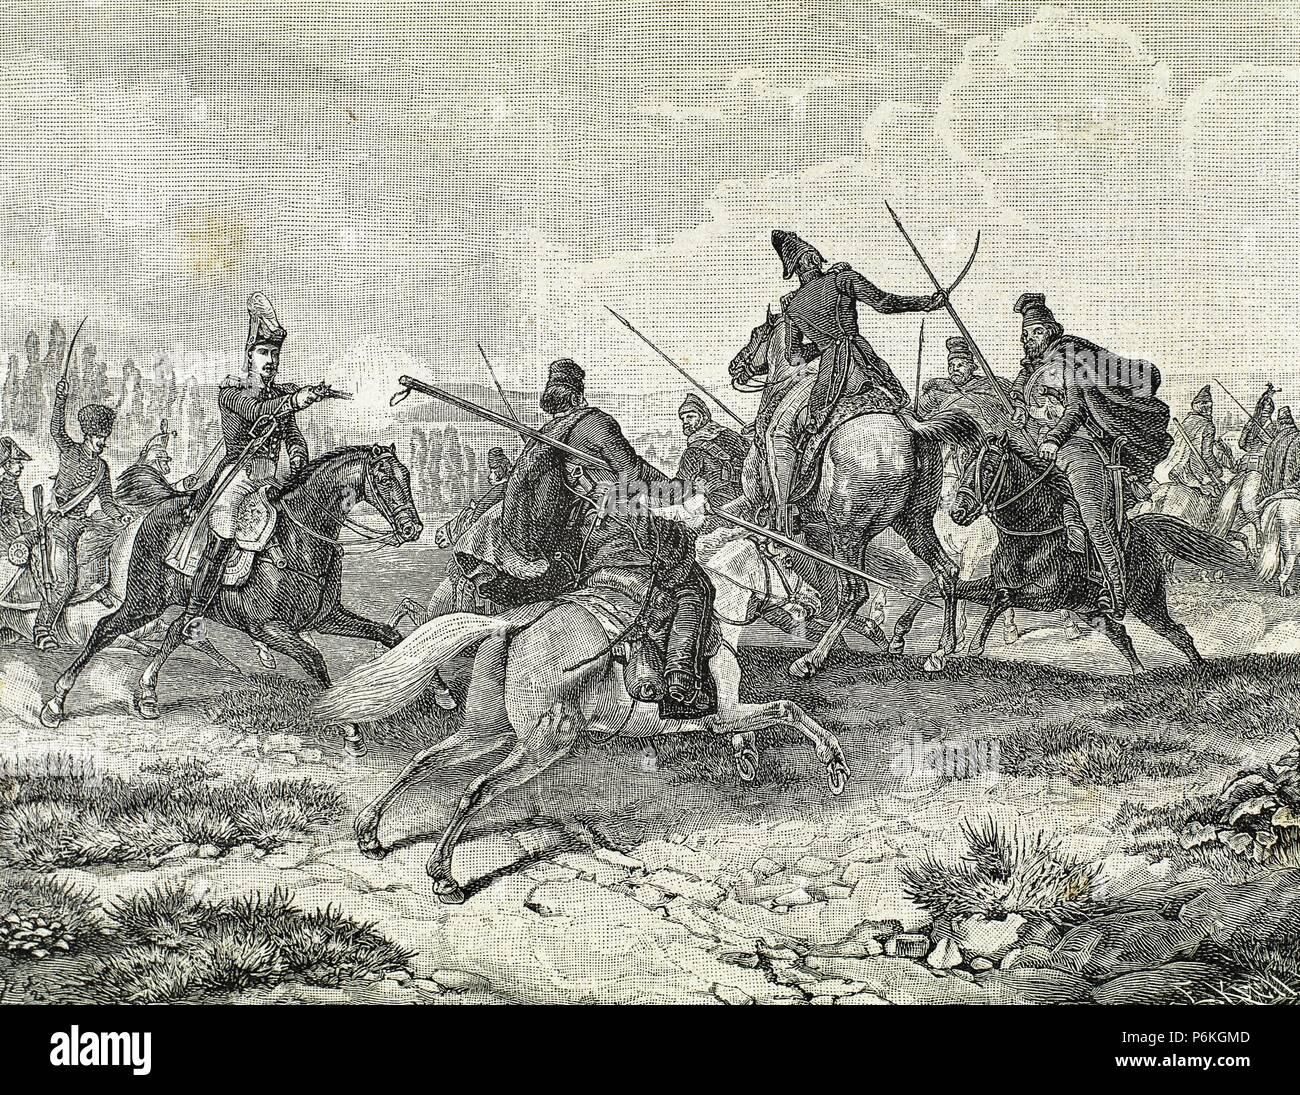 Las guerras napoleónicas. Lucha en Rusia. Los cosacos contra el ejército francés. Grabado del siglo XIX. Foto de stock